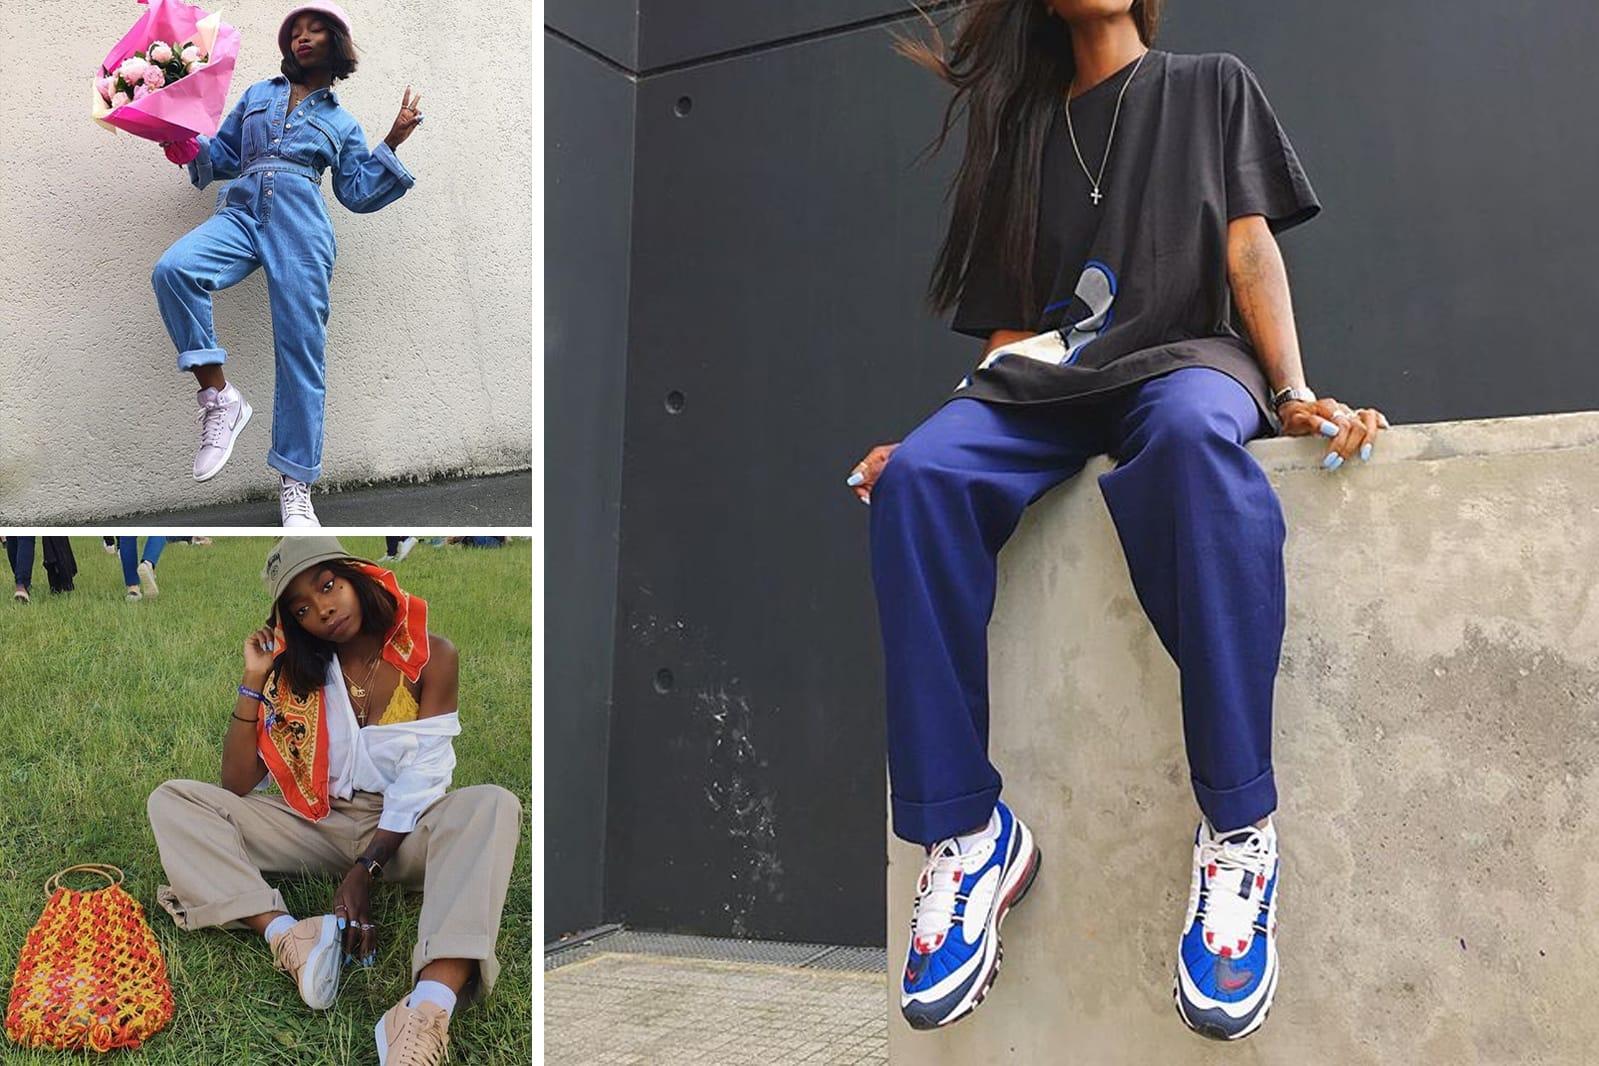 5 Best Dressed Women in Streetwear on